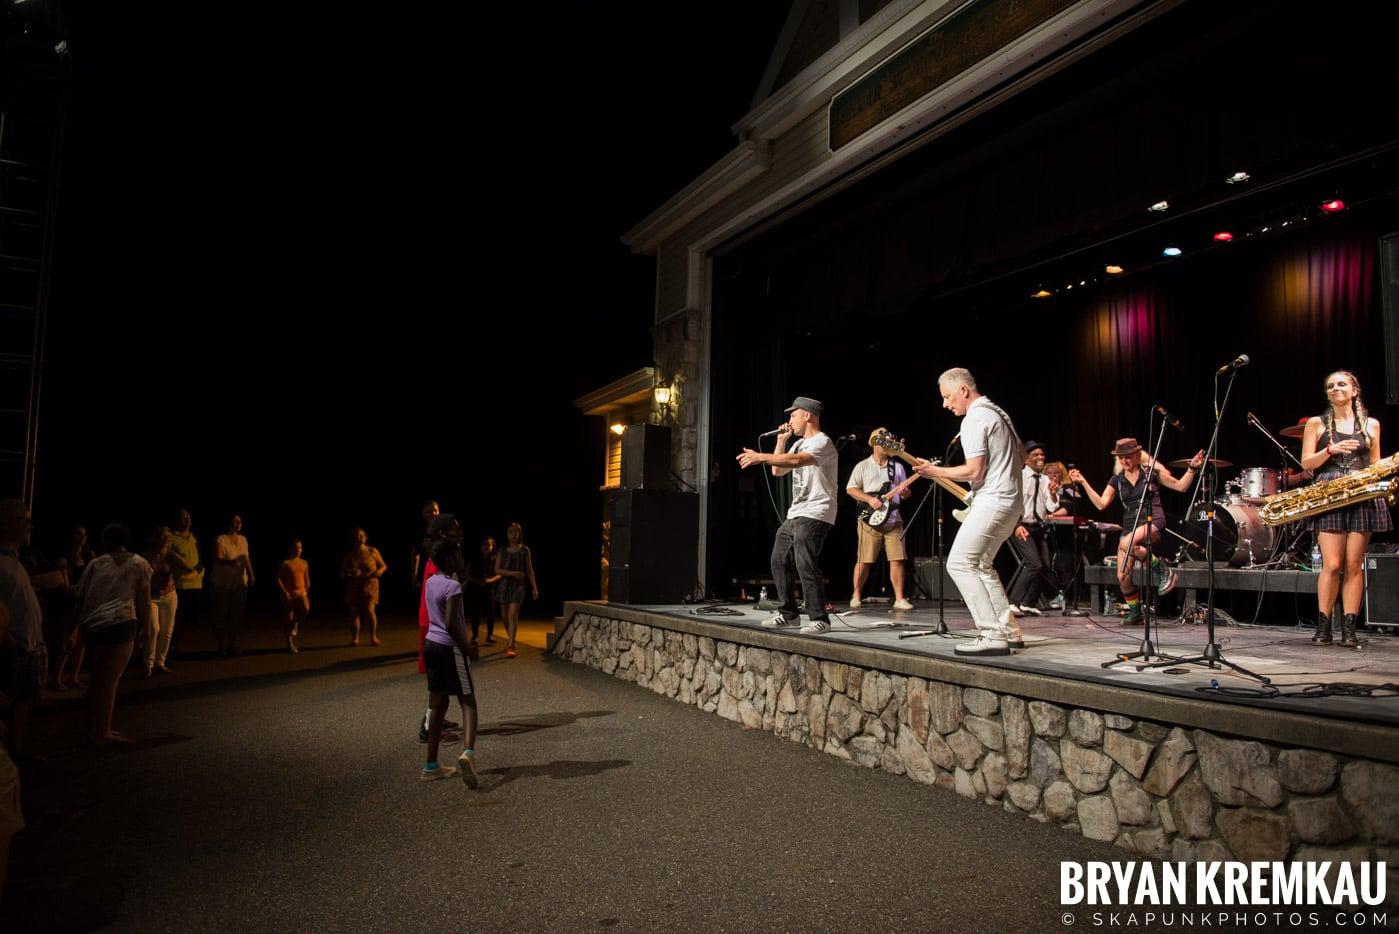 Rude Boy George @ Oskar Schindler Performing Arts Center, West Orange, NJ - 8.19.17 (3)